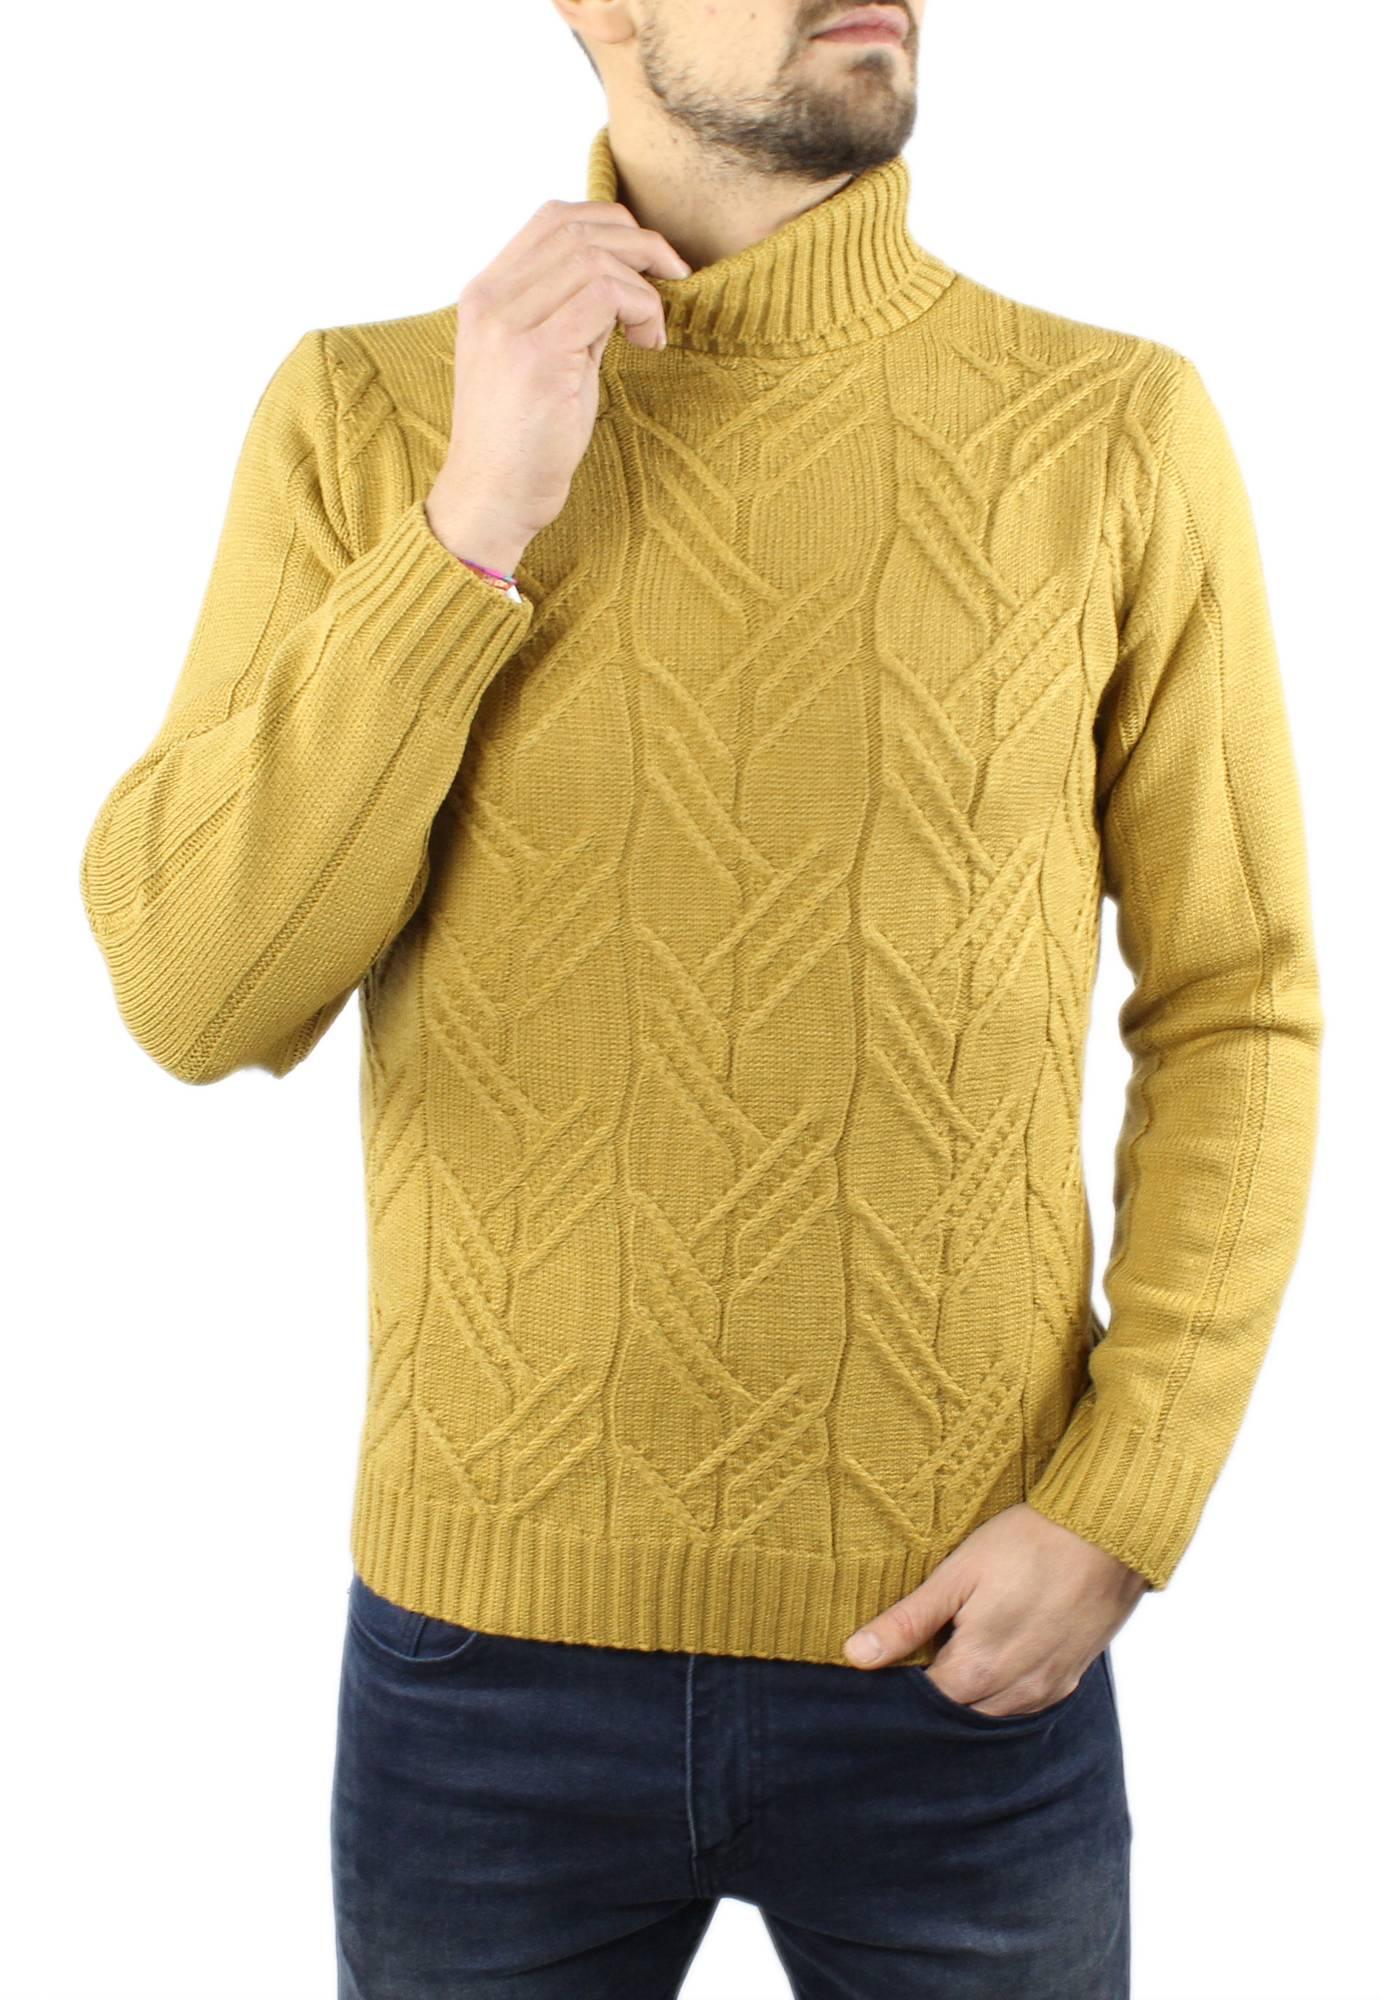 Maglione-Uomo-Collo-Alto-Lana-Pesante-Dolcevita-Trecce-Lupetto-Maglioncino miniatura 23